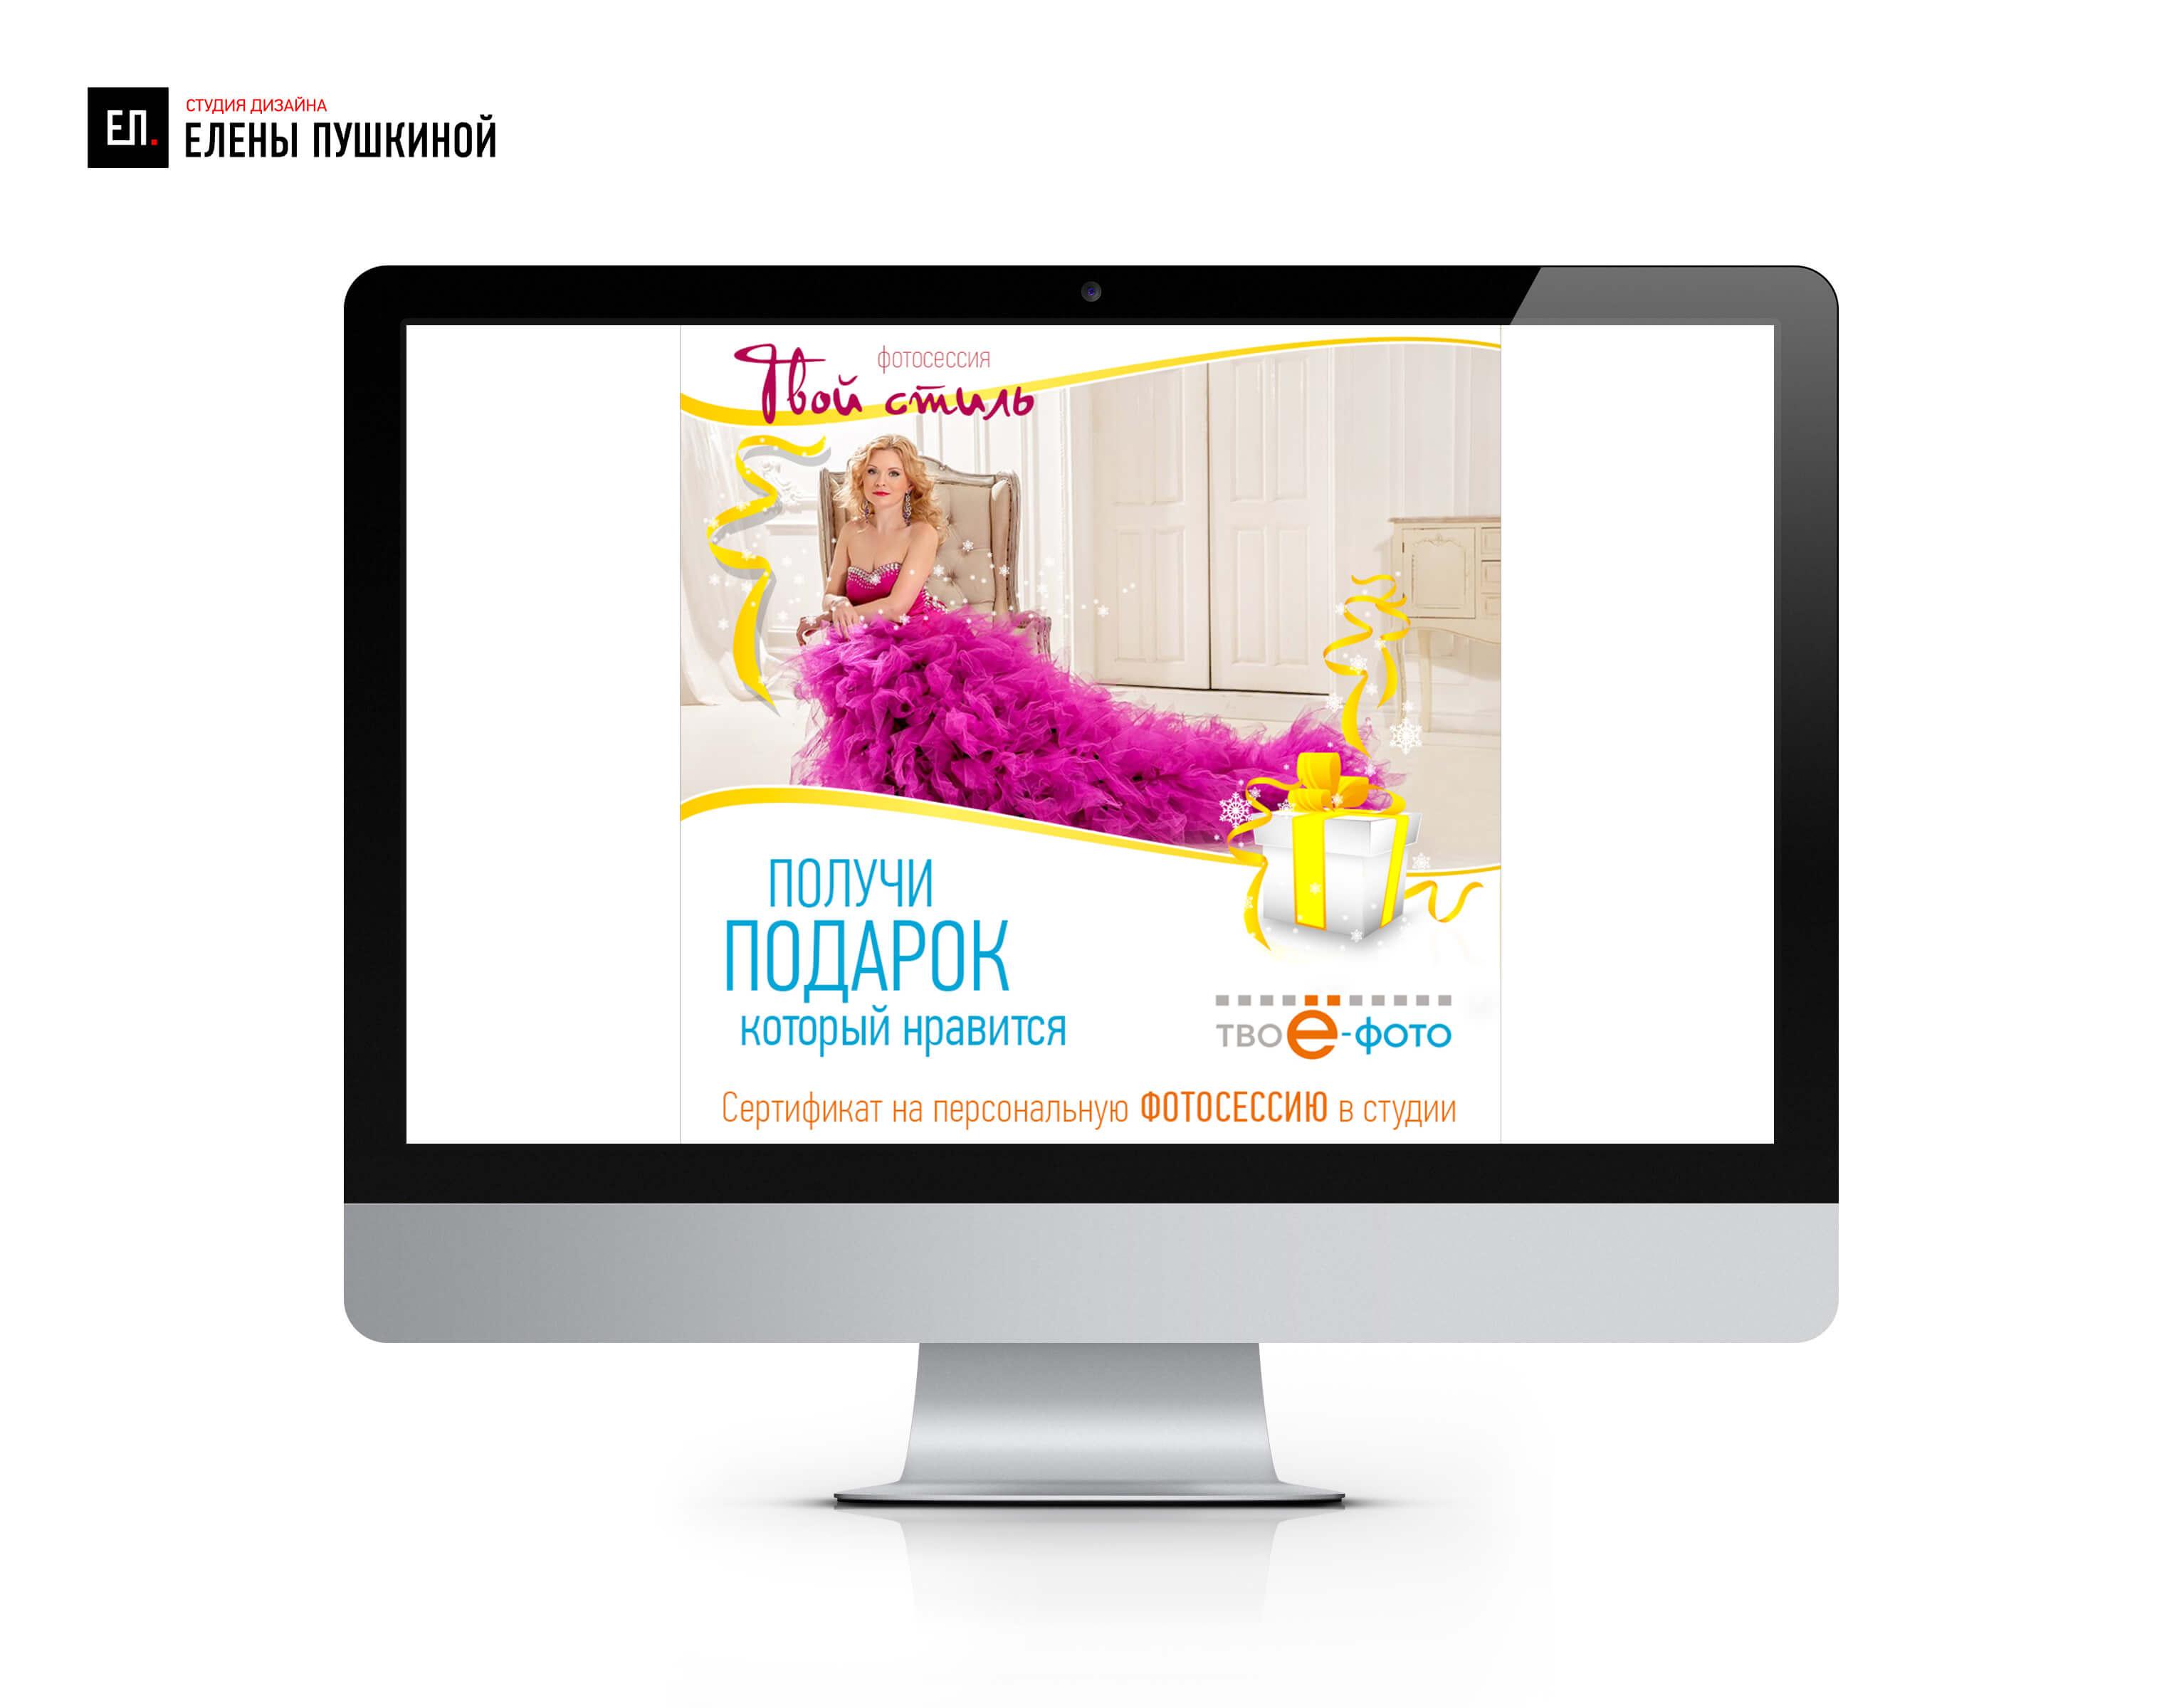 Веб-баннер №3 для сети профессиональных фотостудий «Ё-Фото» — разработка дизайна баннера Баннеры для сайта Портфолио